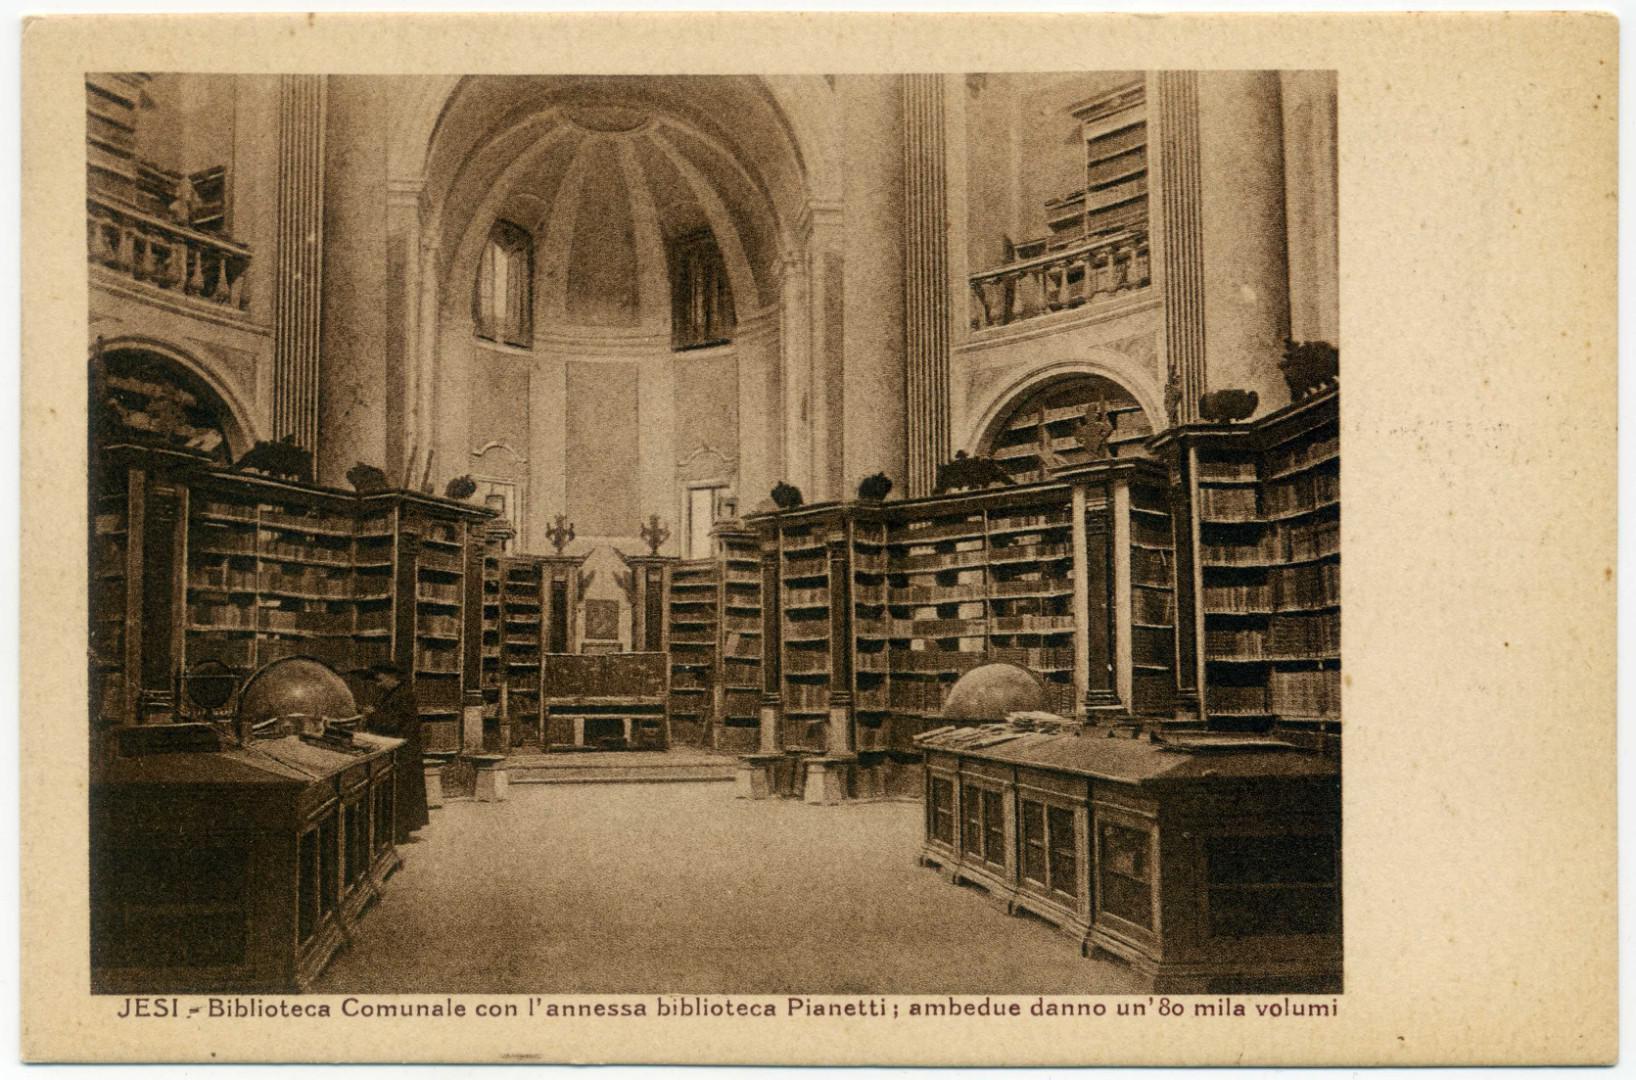 Jesi: Biblioteca comunale Planettiana